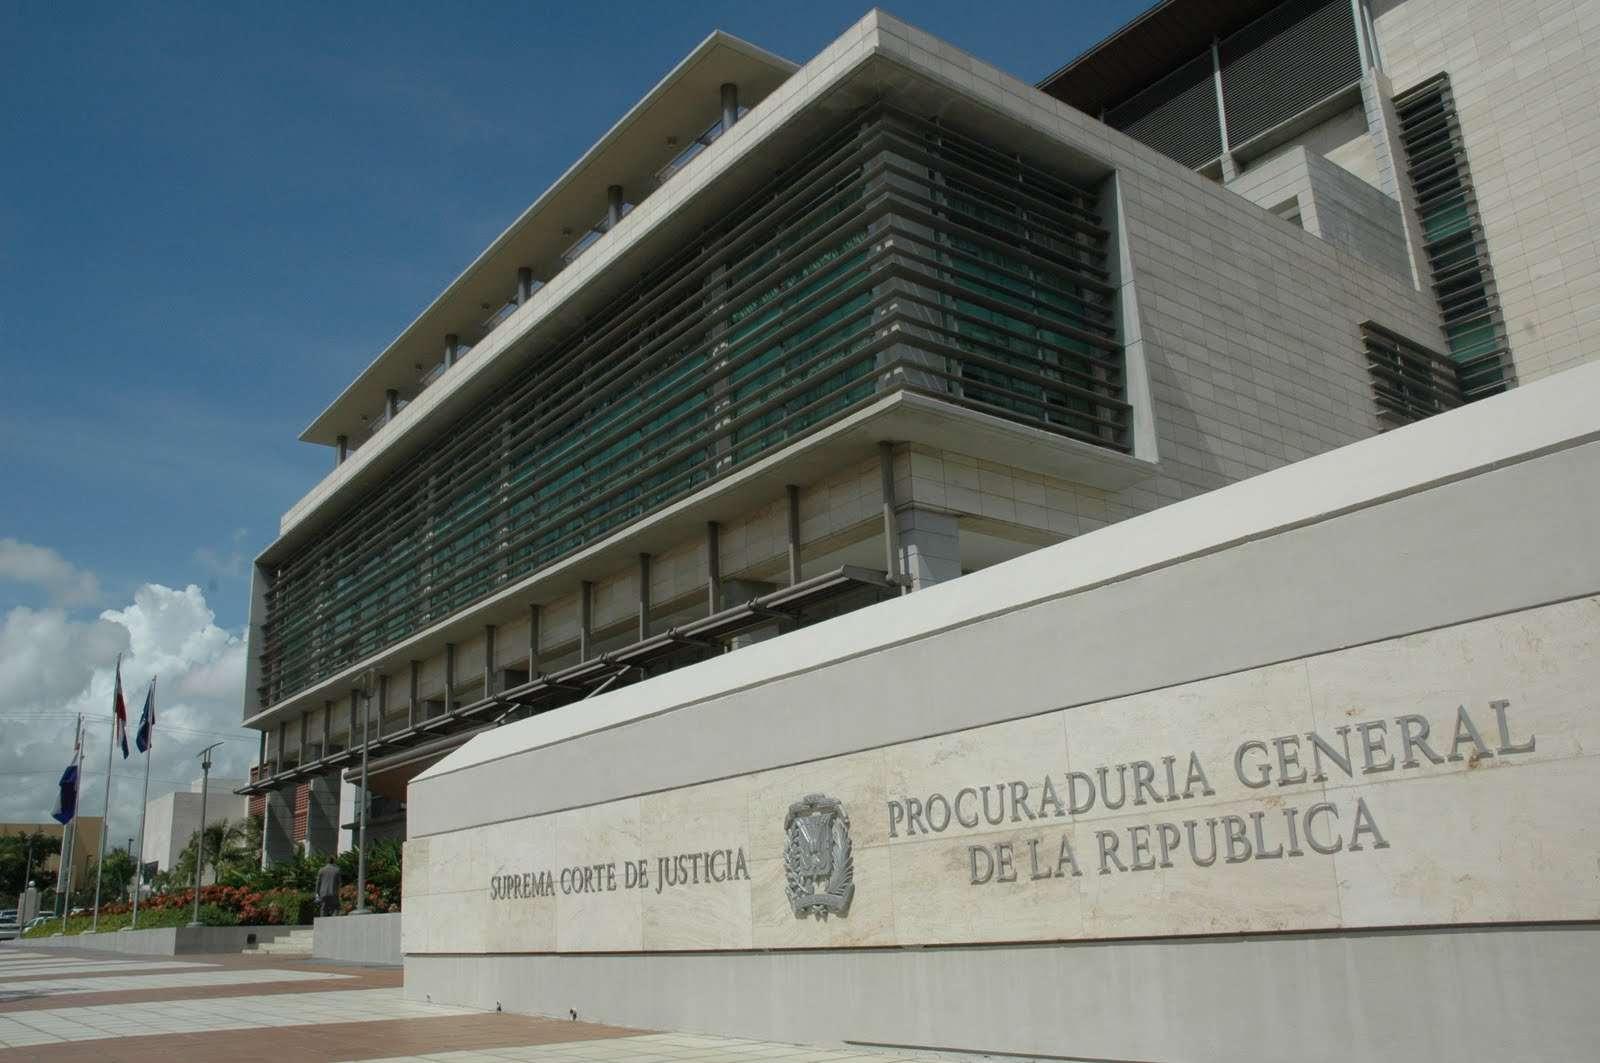 Edificio que aloja la Suprema Corte de Justicia (SCJ) y la Procuraduría General de la República Dominicana.